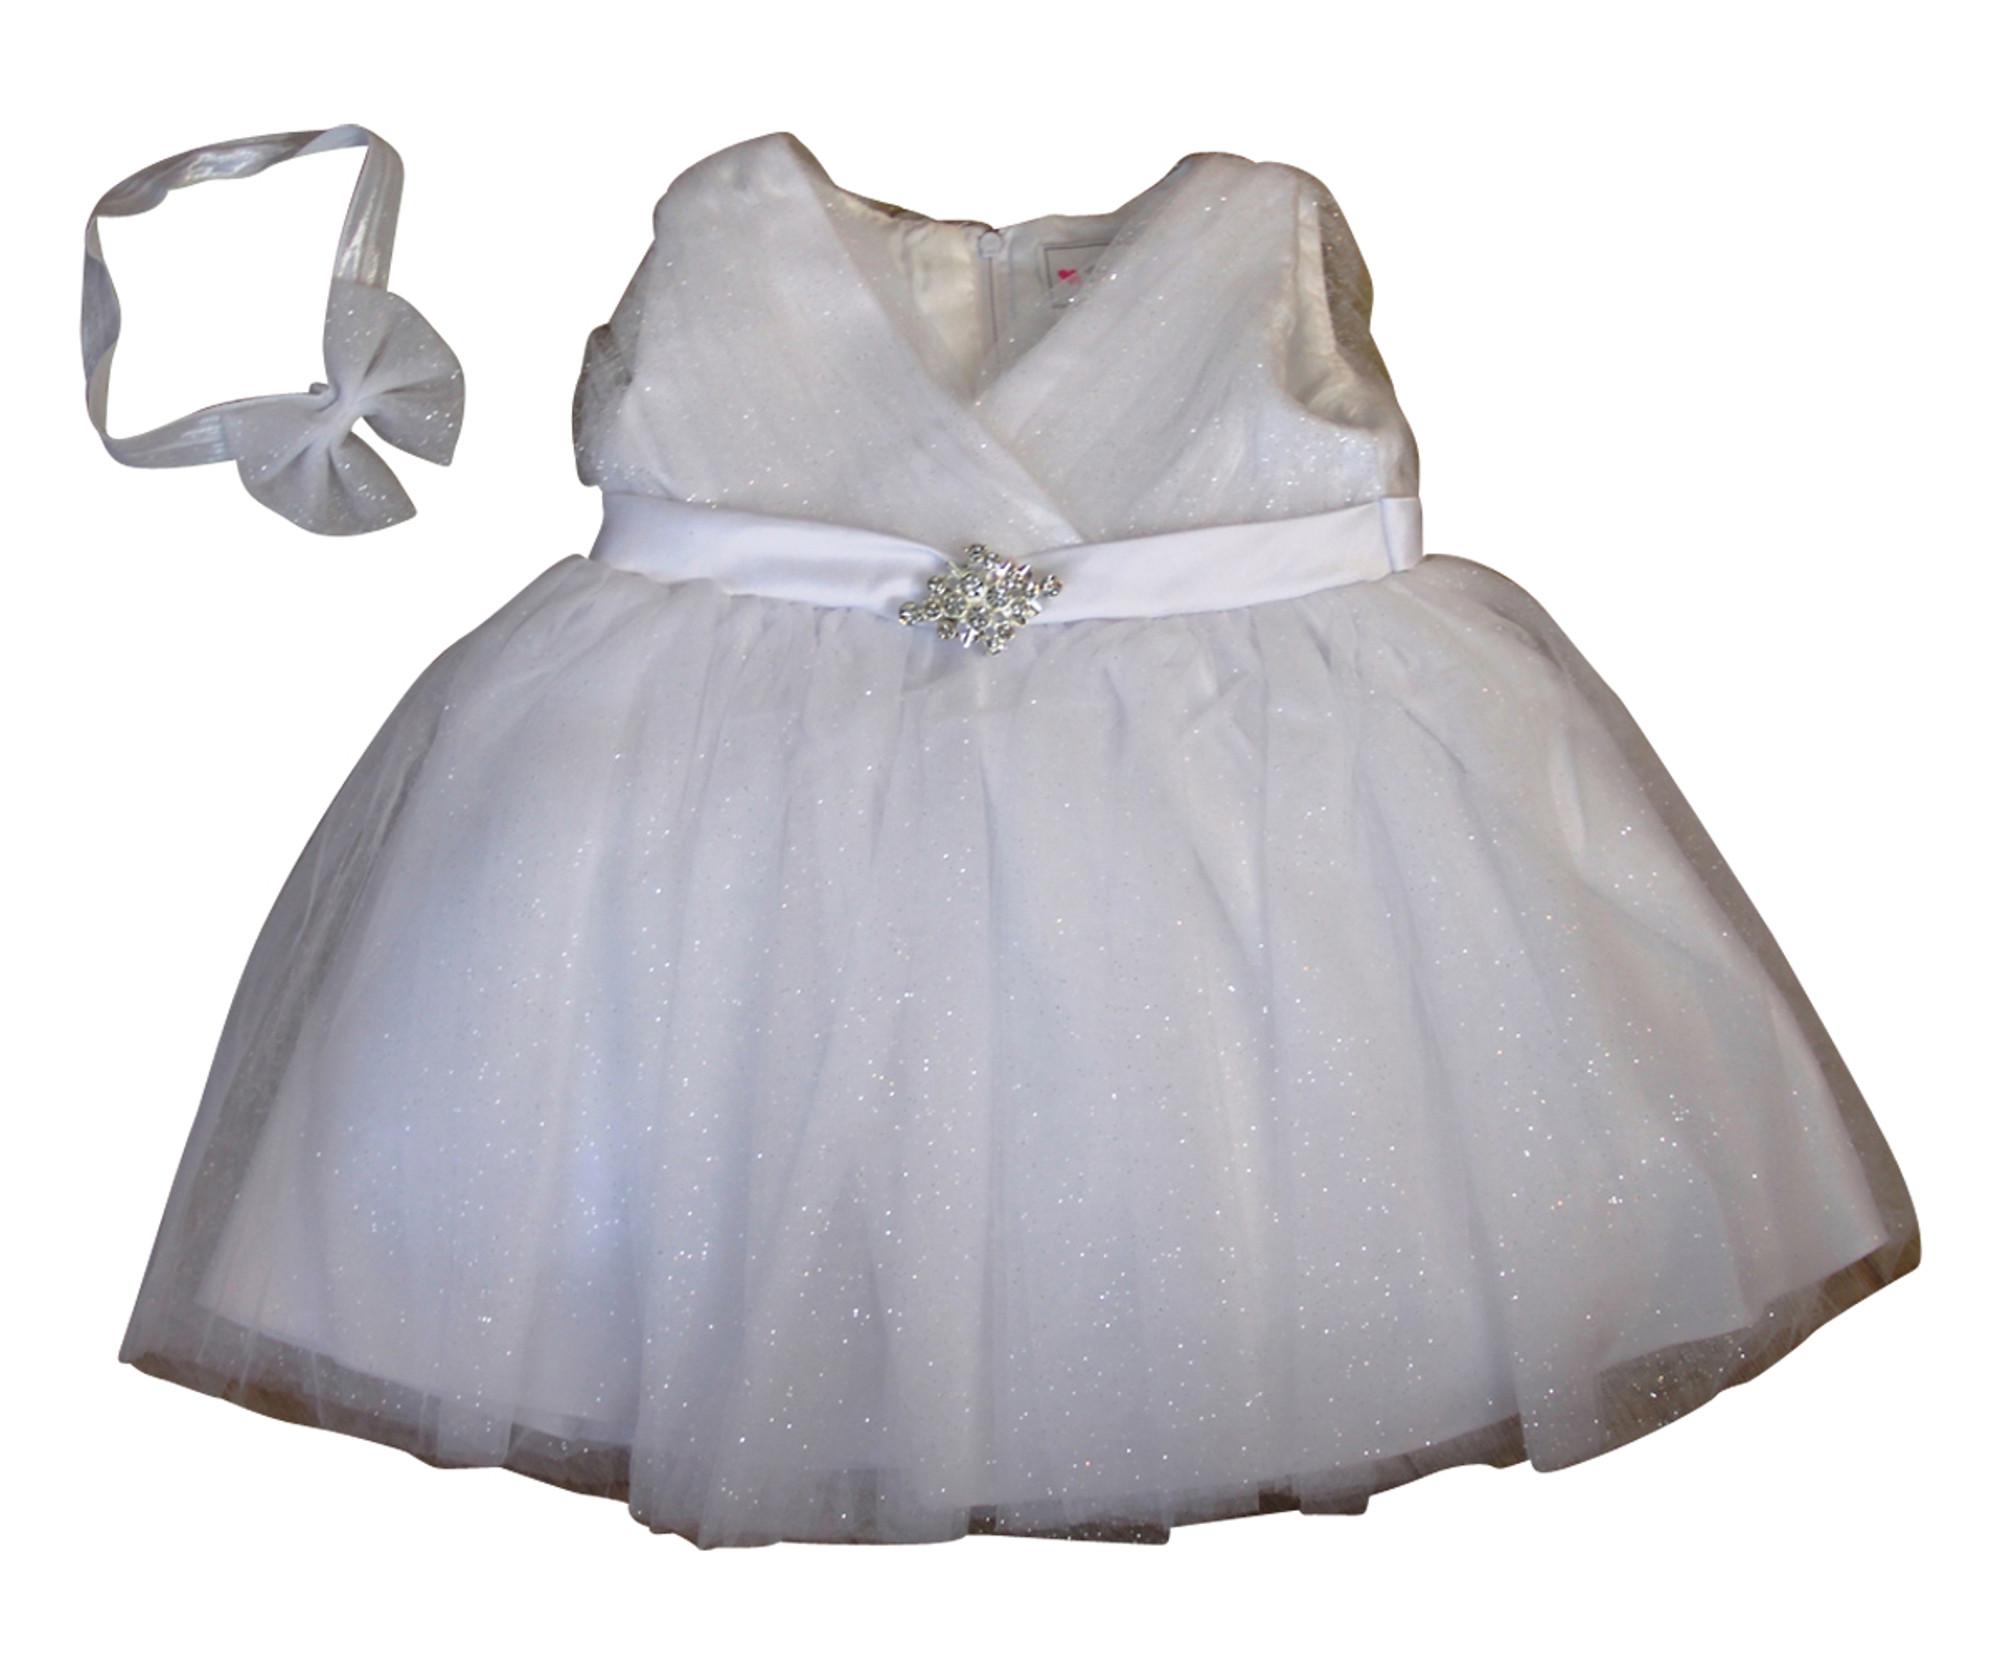 BIMARO Baby Mädchen Taufkleid Annie weiß Glitzer silber Babykleid Taufkleid Tüll Taufe Hochzeit festlich Weihnachten 001